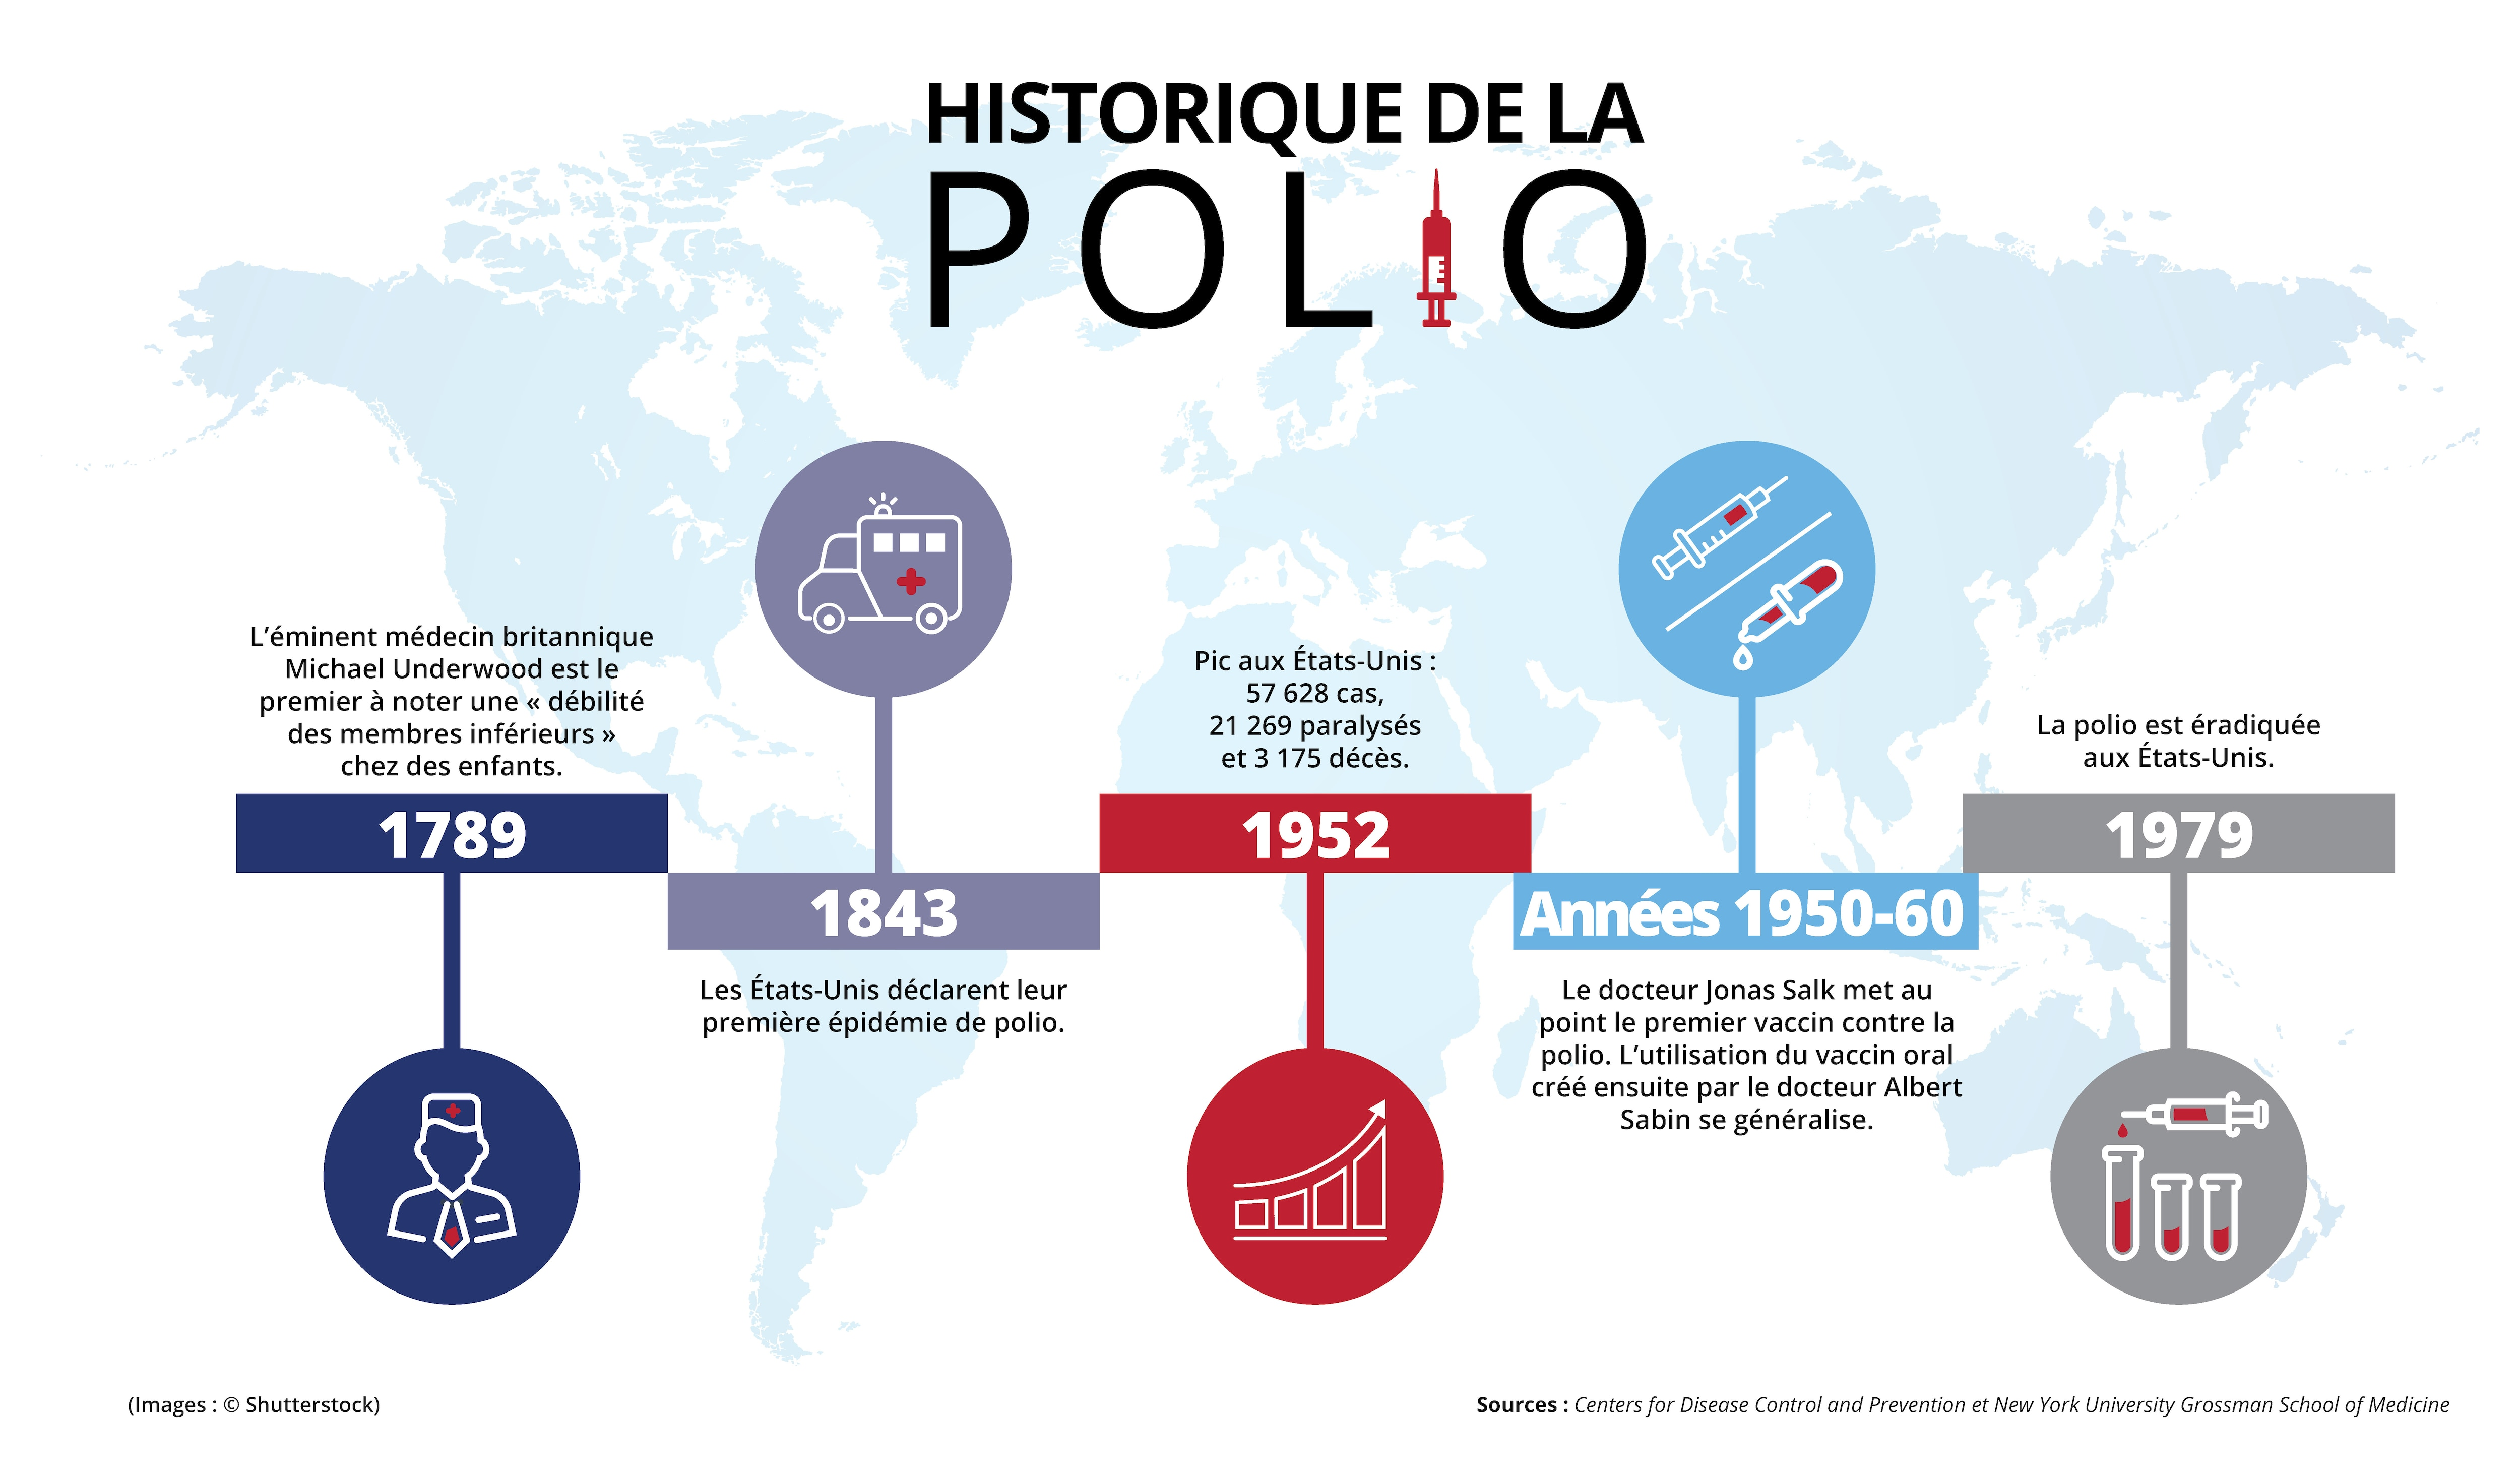 Infographie avec du texte et des images illustrant les dates marquantes de la propagation de la polio et de son éradication aux États-Unis (Département d'État/Helen Efrem)